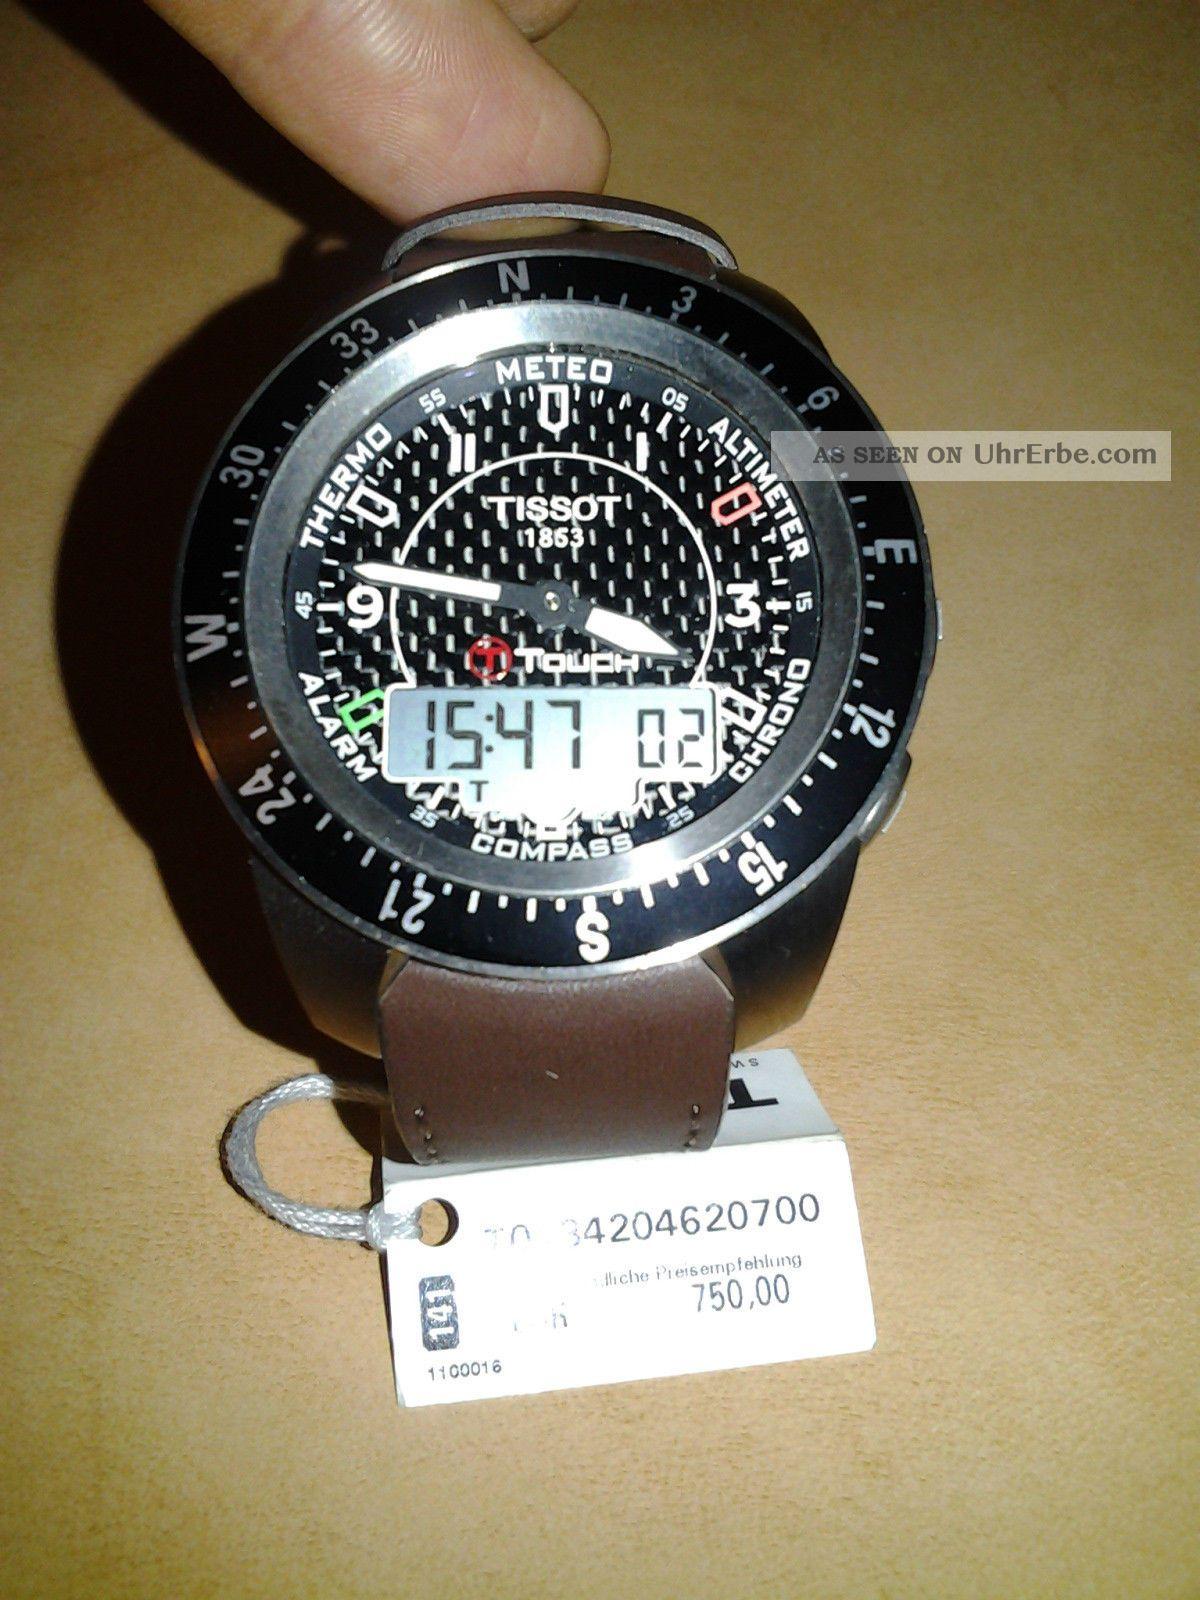 T - Touch Tissot Schweitzer Multifunktionuhr,  Chronograph Uhr Armbanduhren Bild